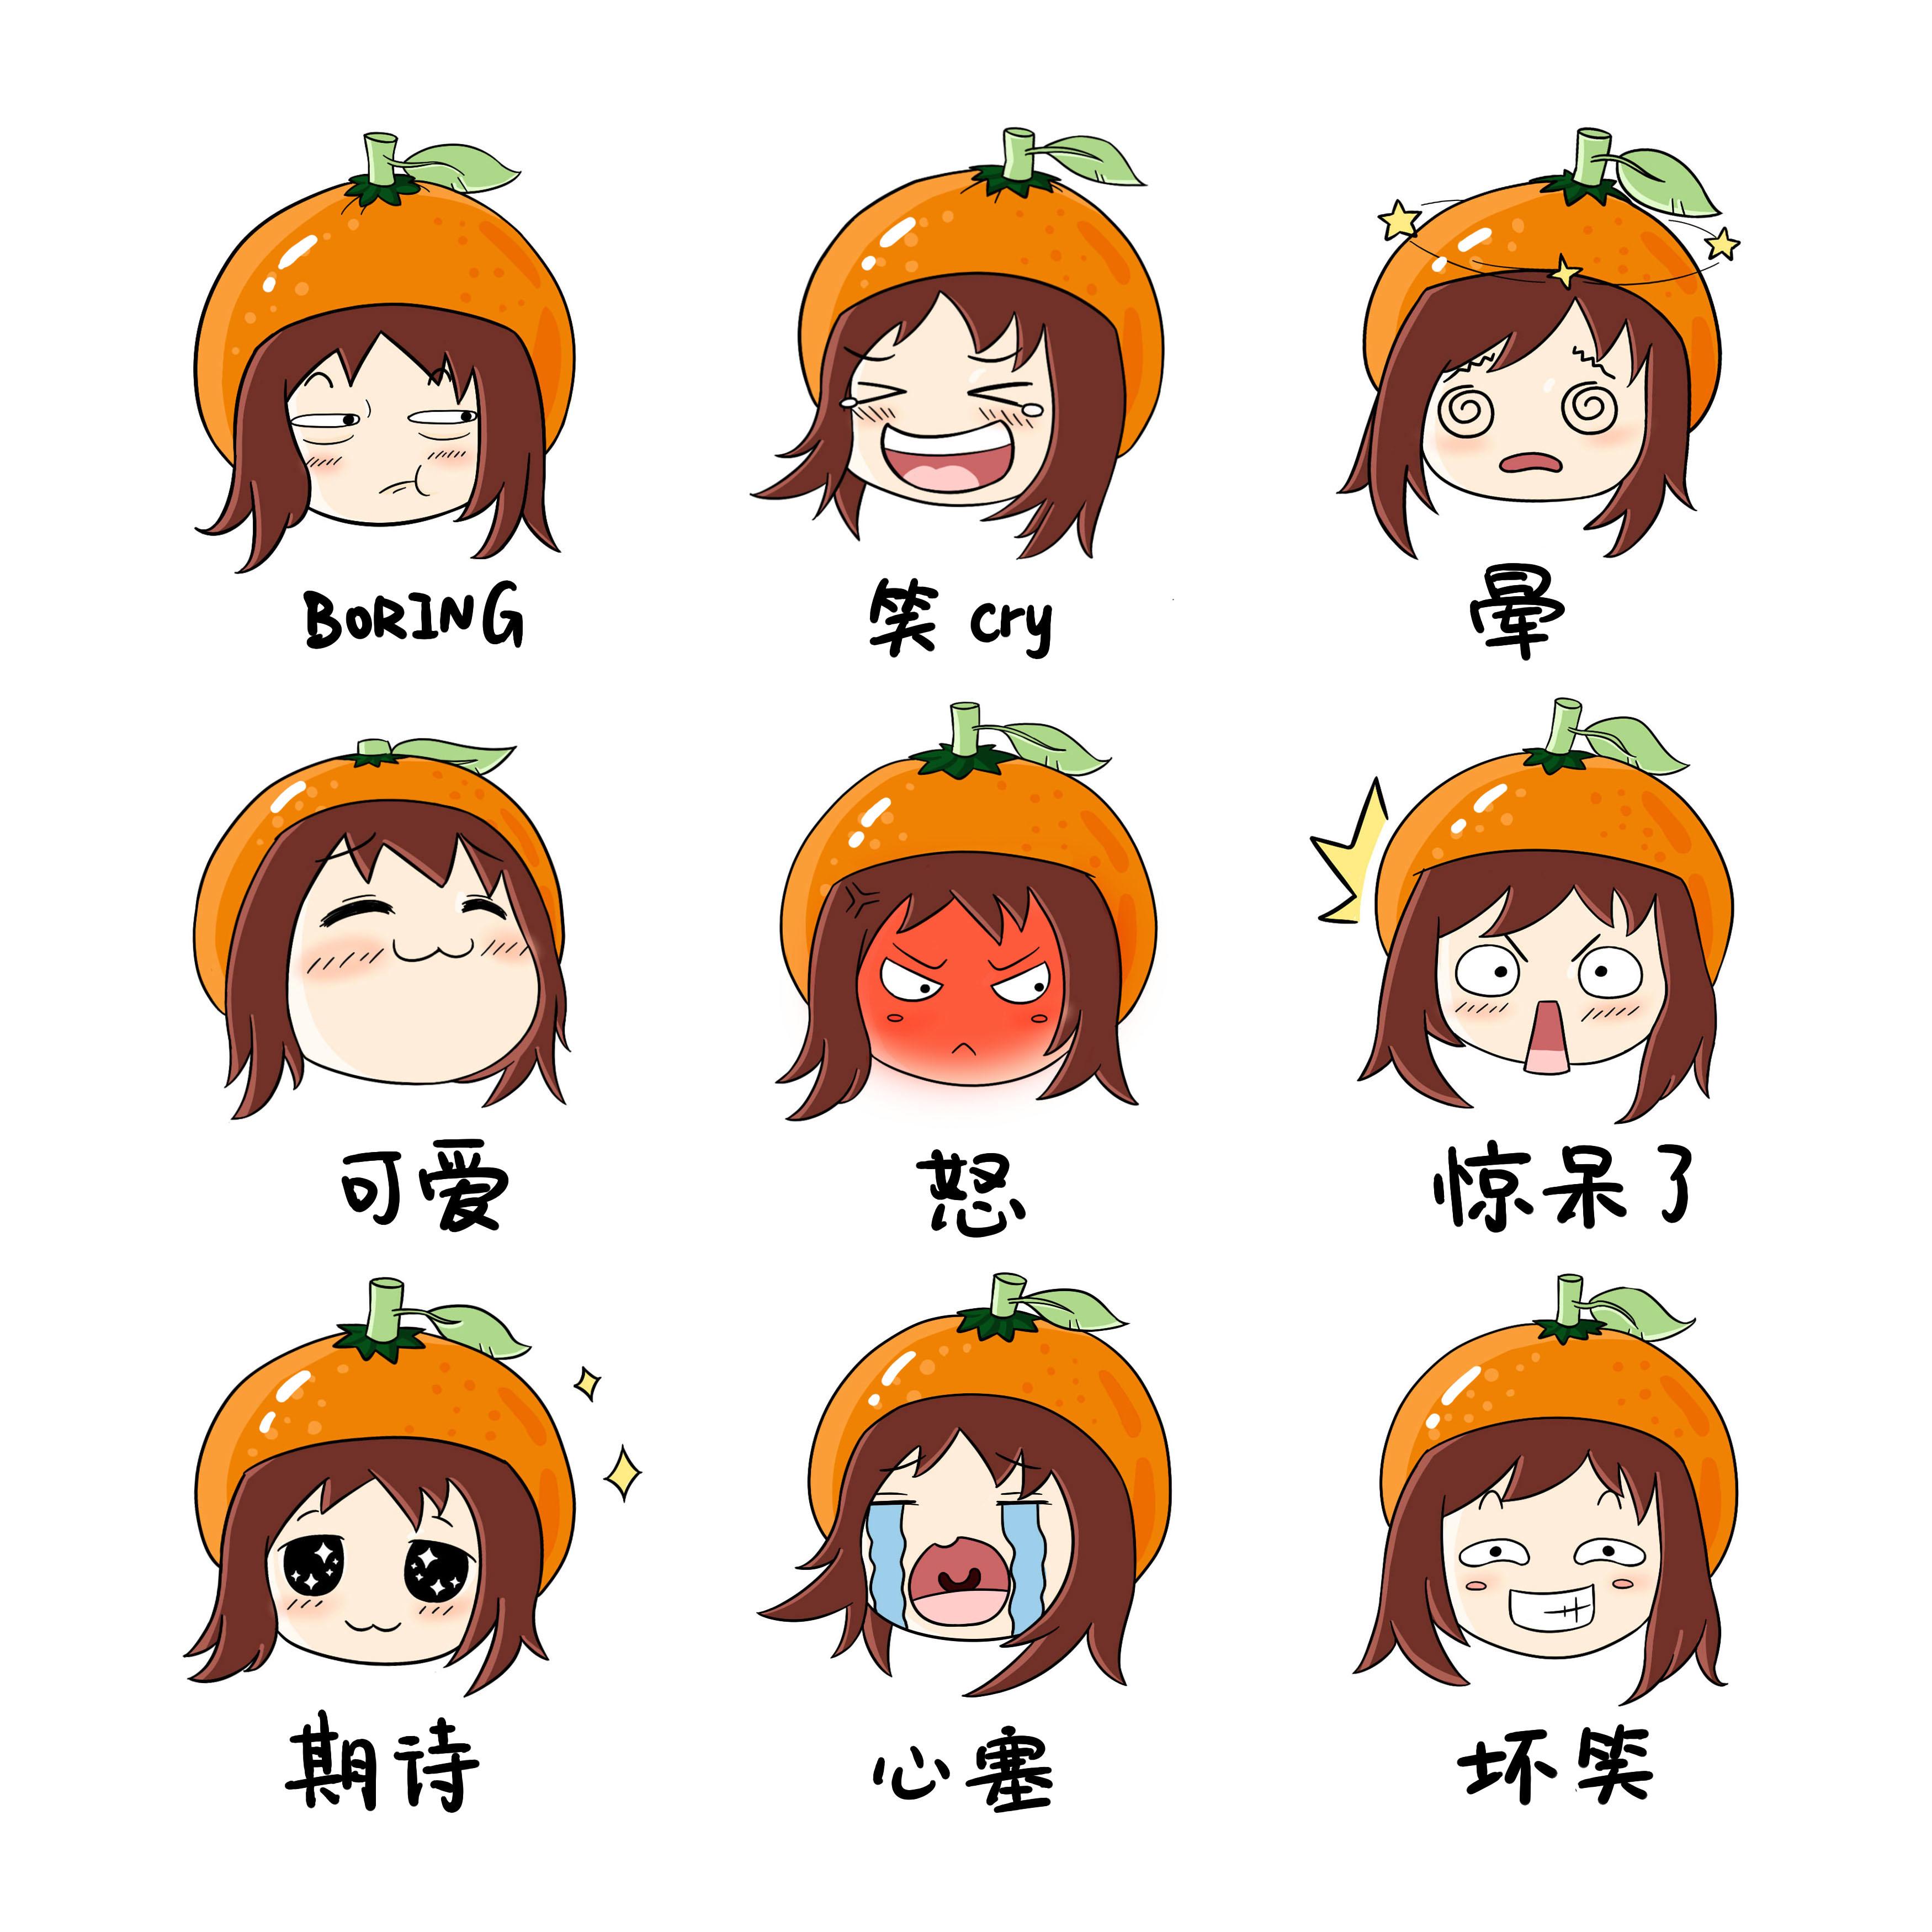 买橘子表情包